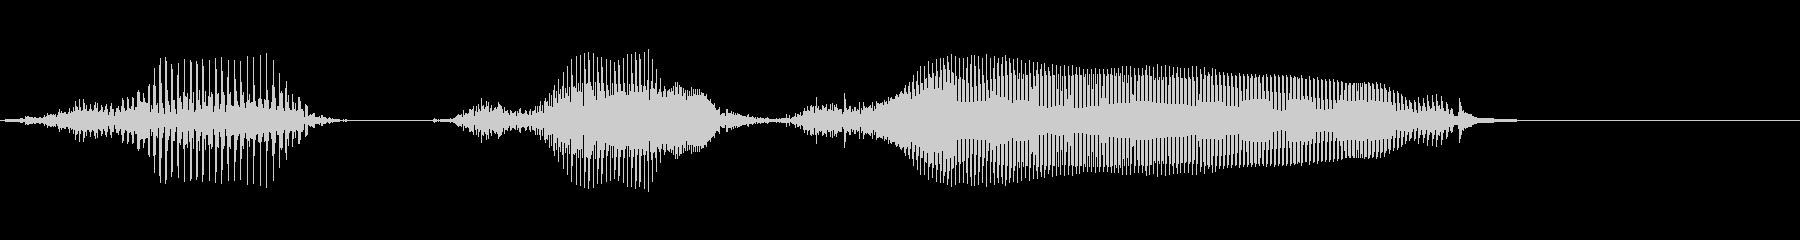 80(は↓ちじゅう↑)の未再生の波形